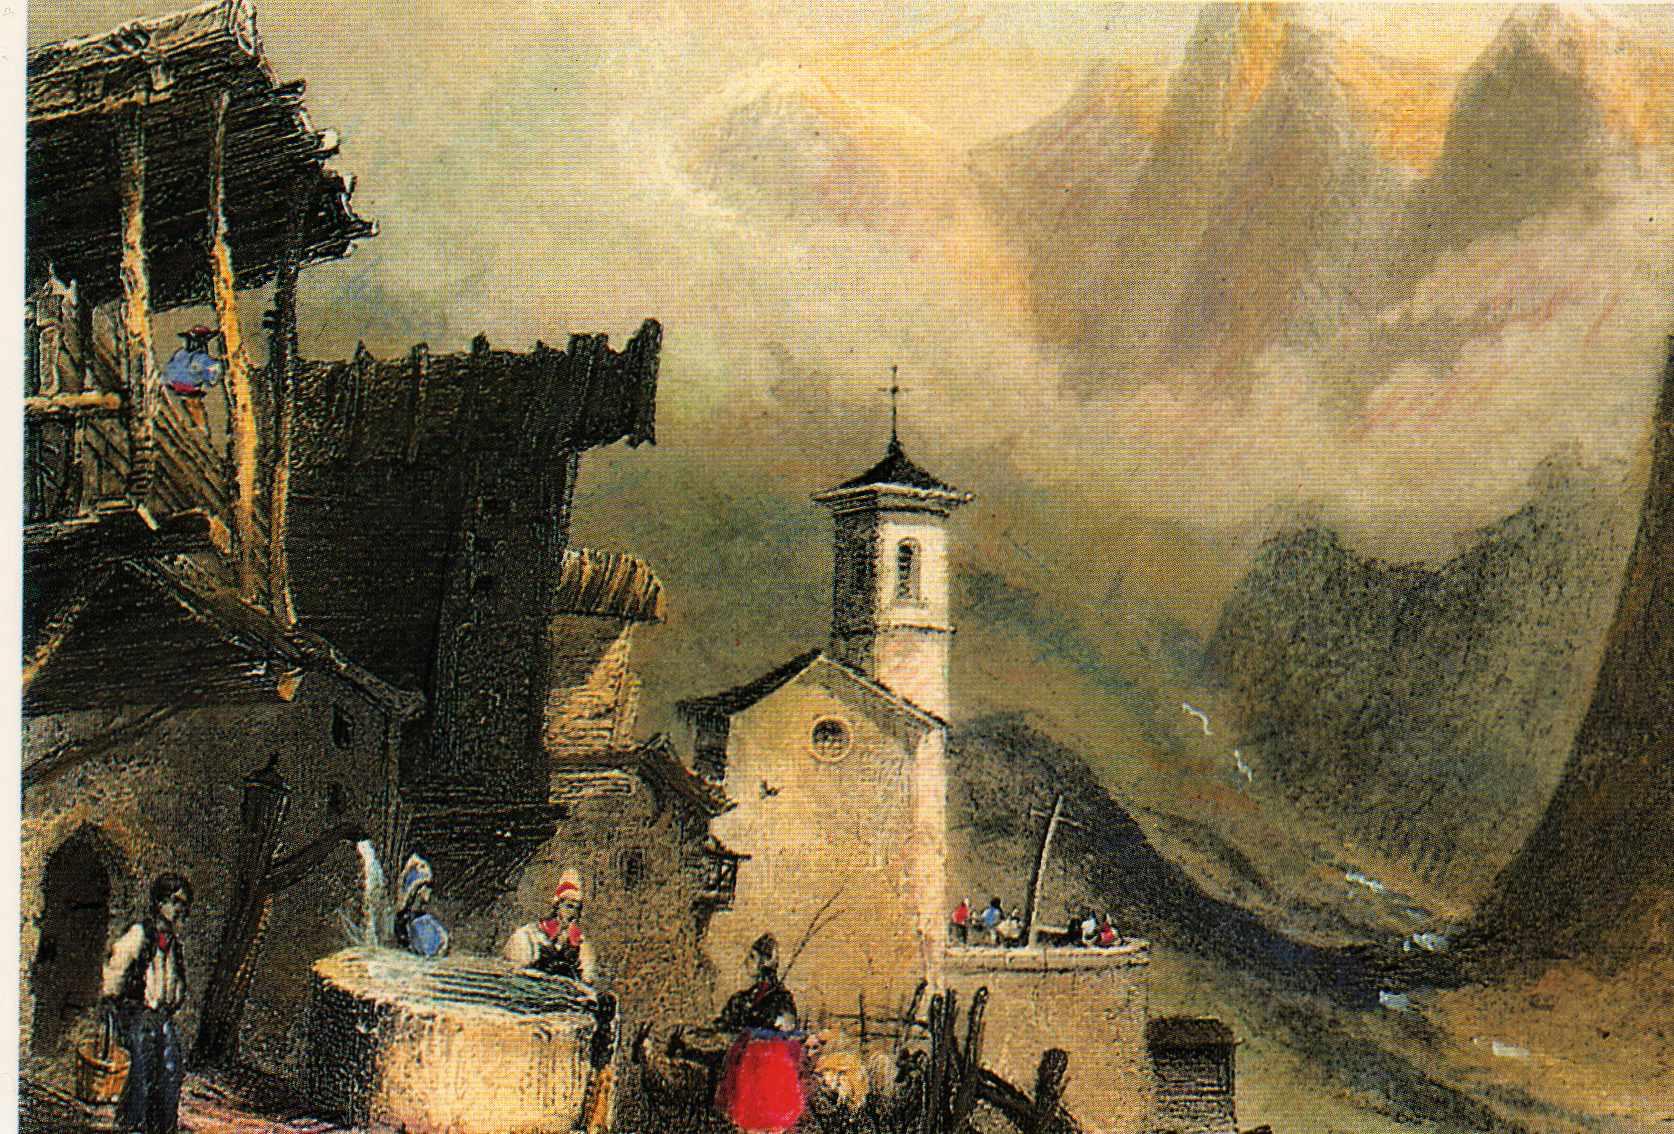 Saint-Véran dans le Queyras (Hautes Alpes) au XIXe siècle. Lithographie de lord Monson